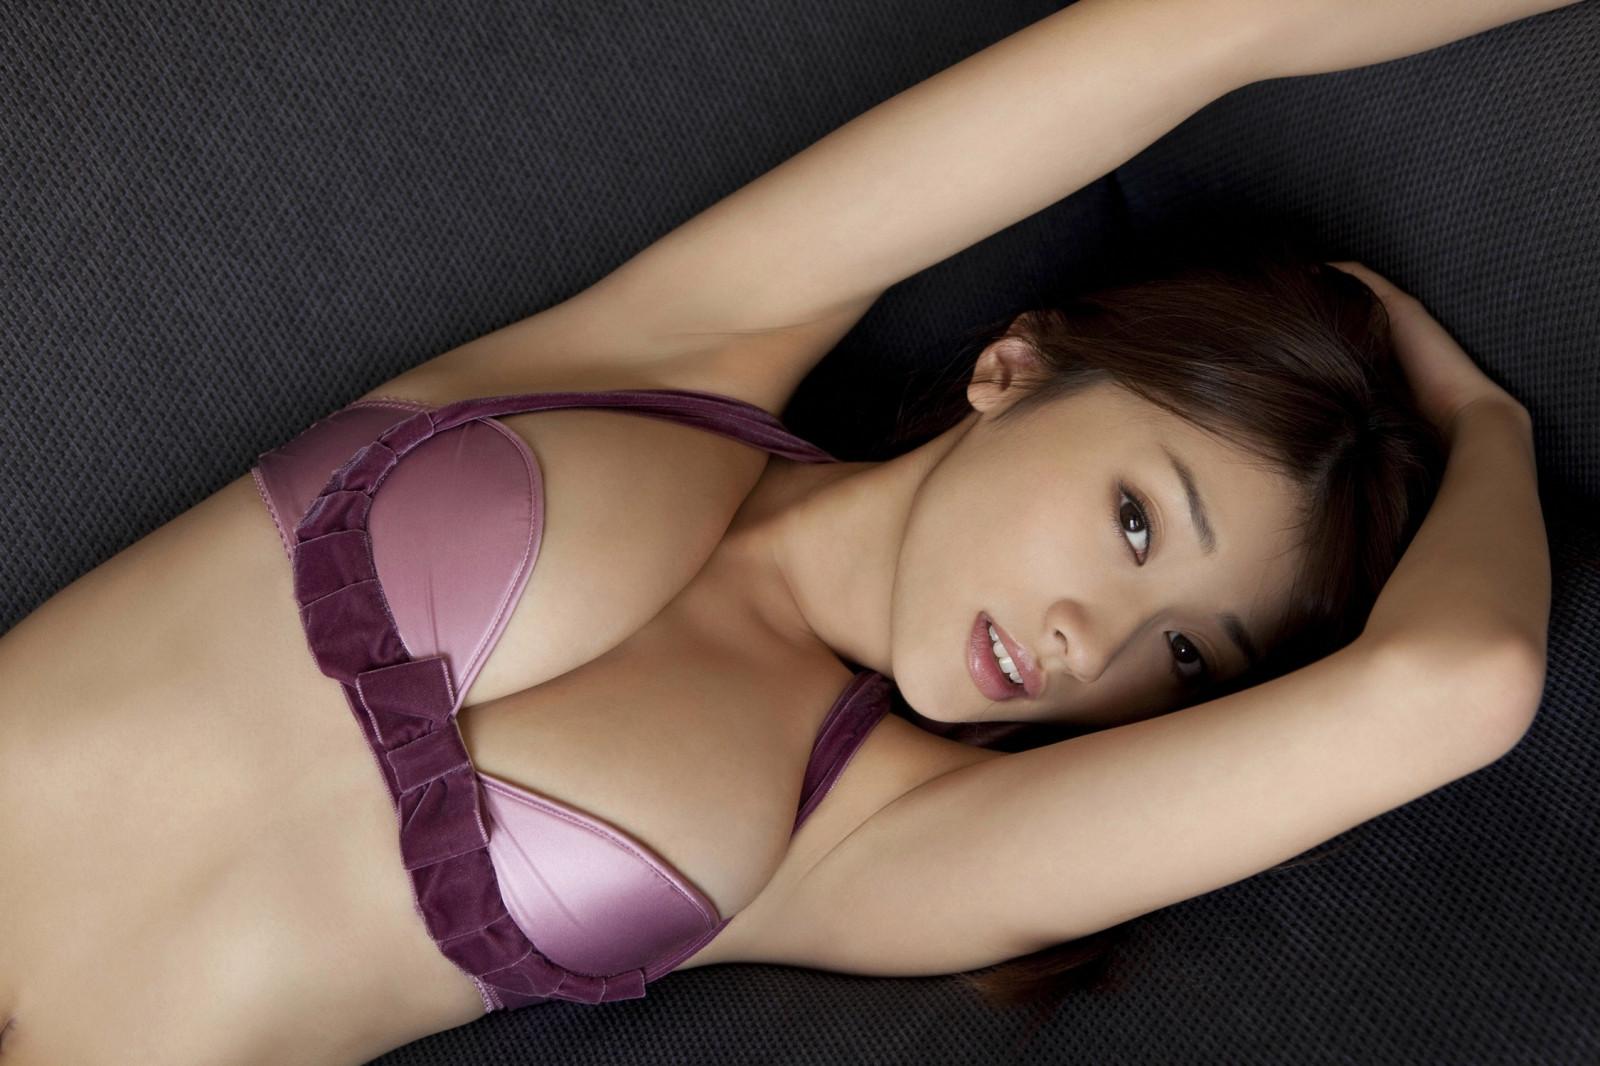 смотреть красивых японок в нижнем белье - 2